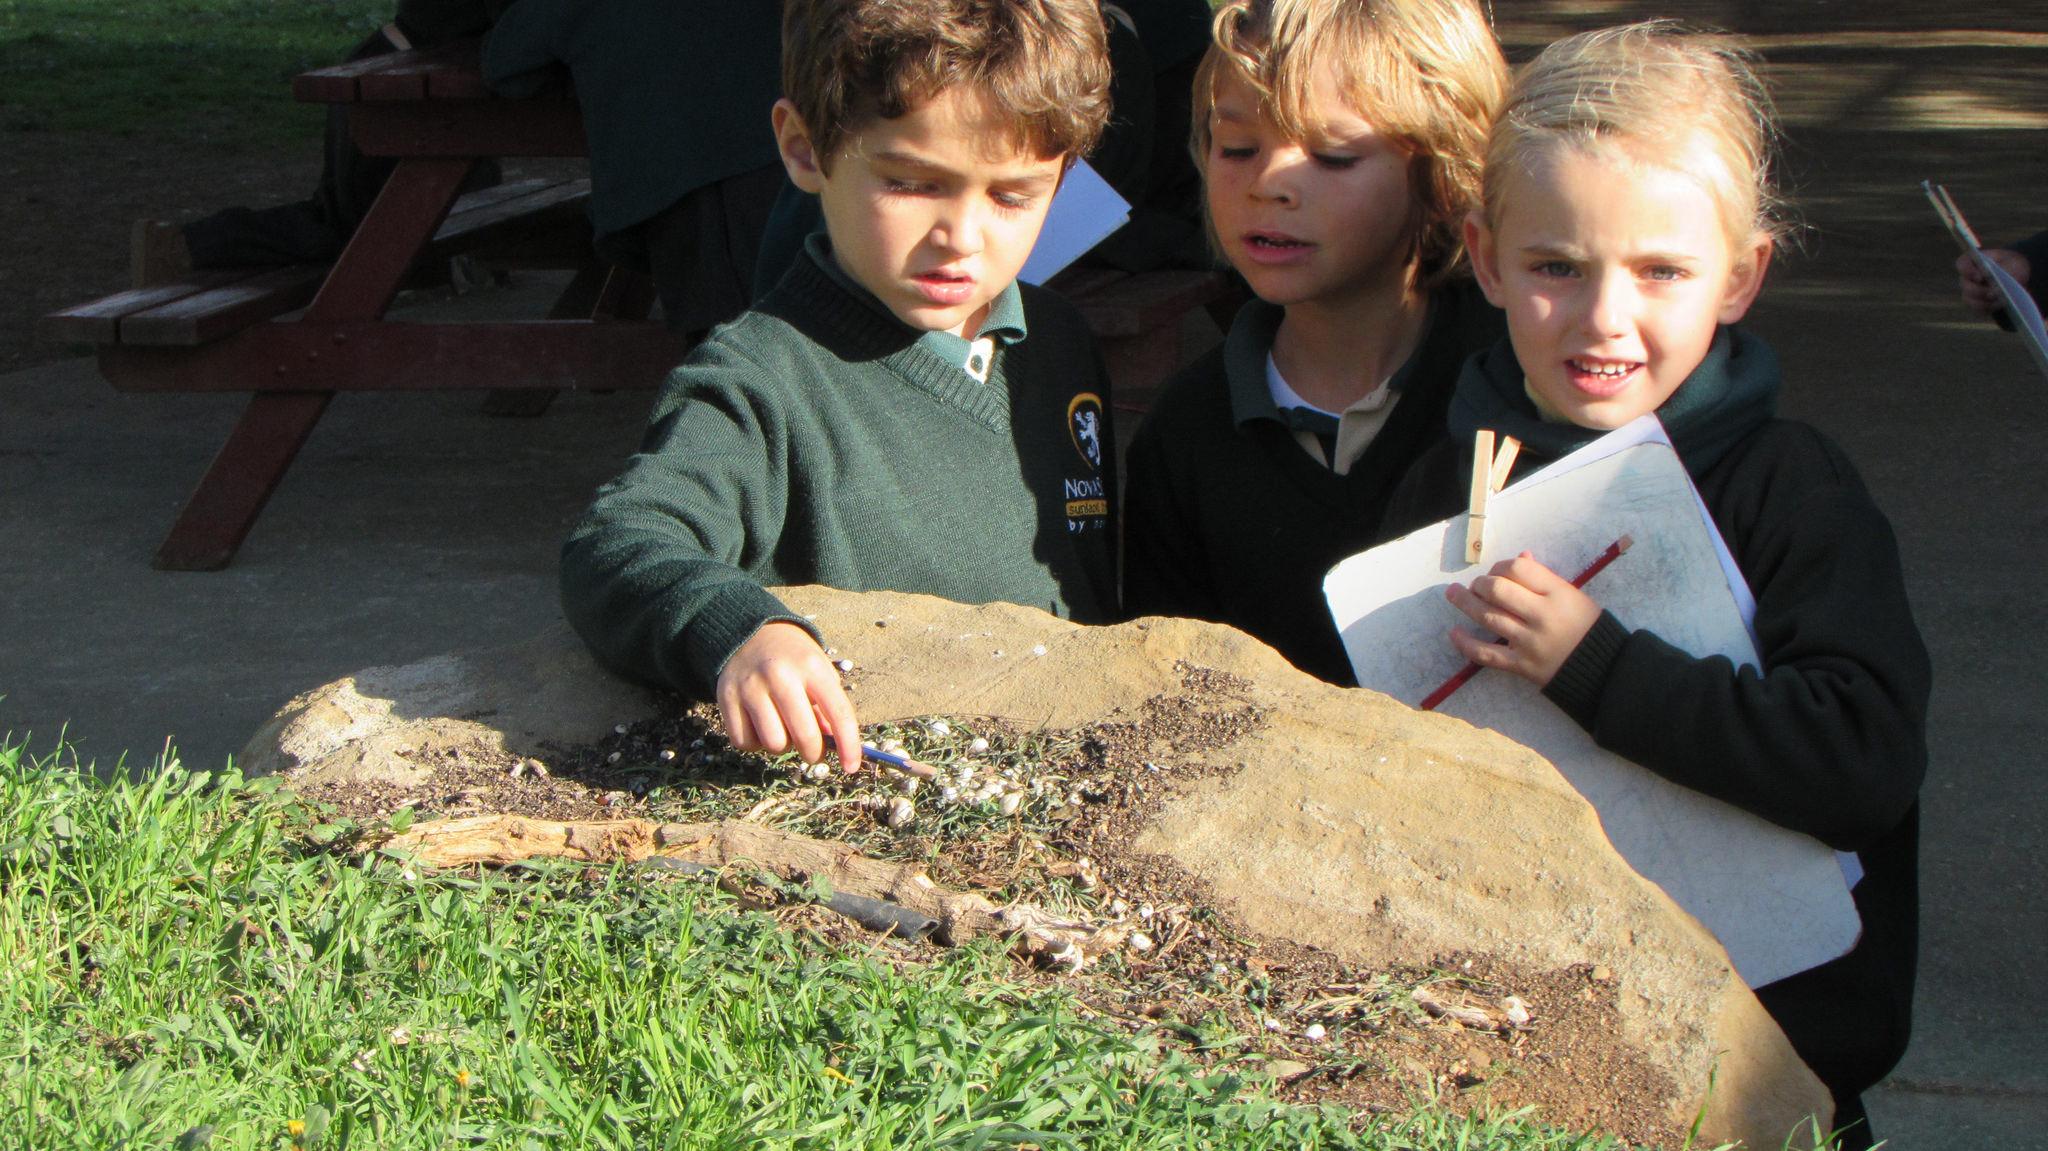 Proyecto minibeasts de Novaschool Sunland International